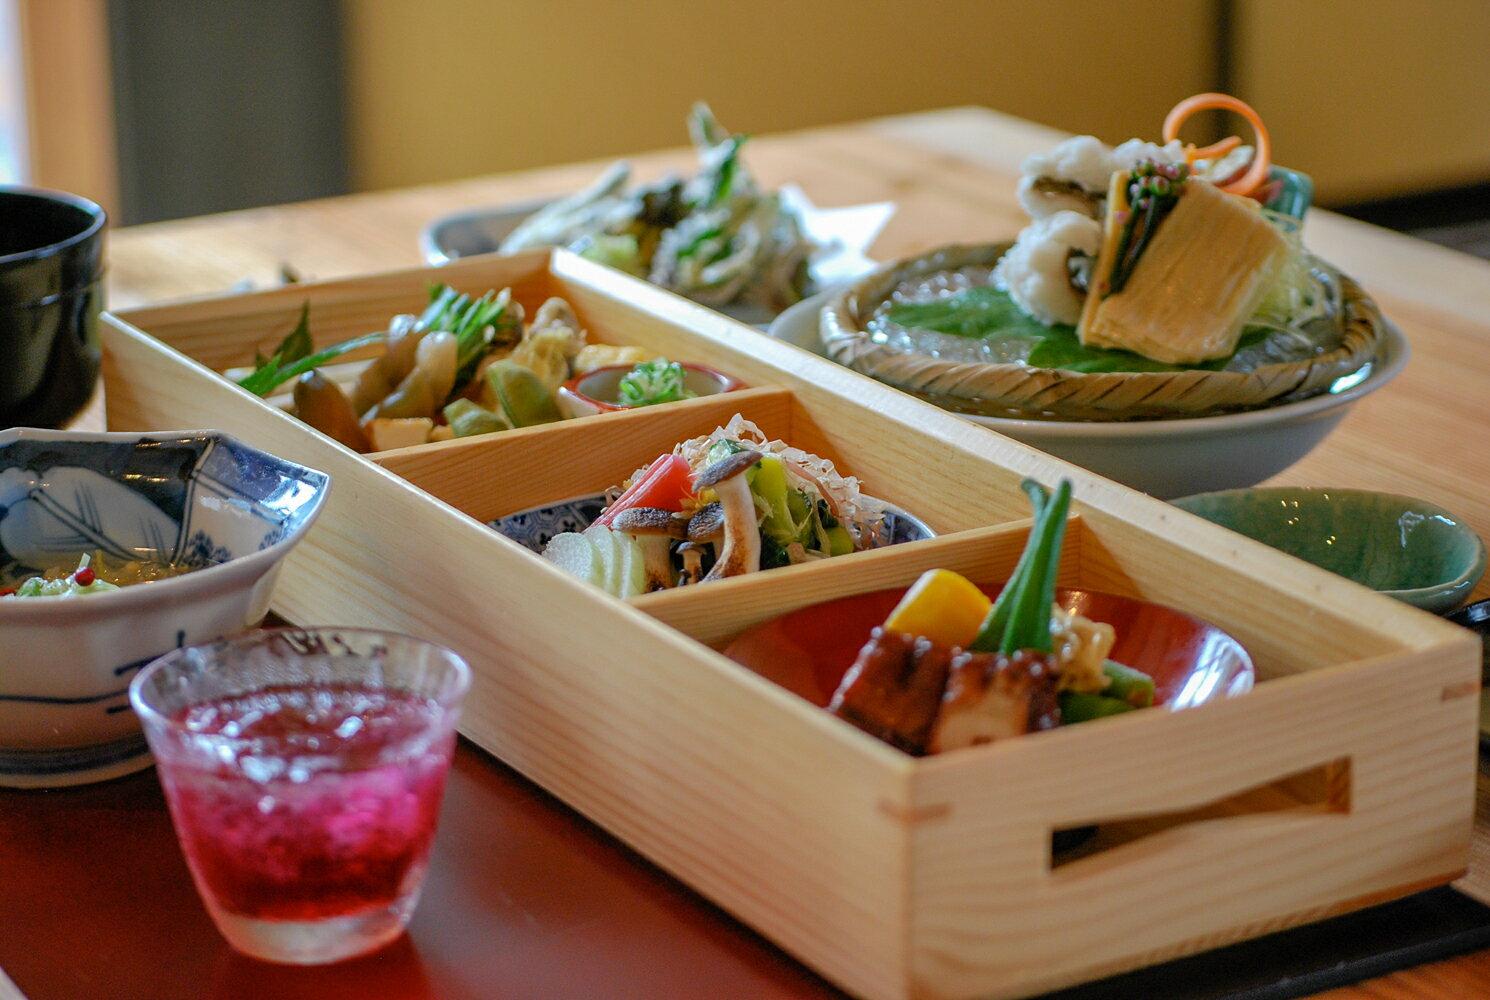 【ふるさと納税】五條 源兵衛のお食事(ふるさと納税特別コース)ディナー2名様分